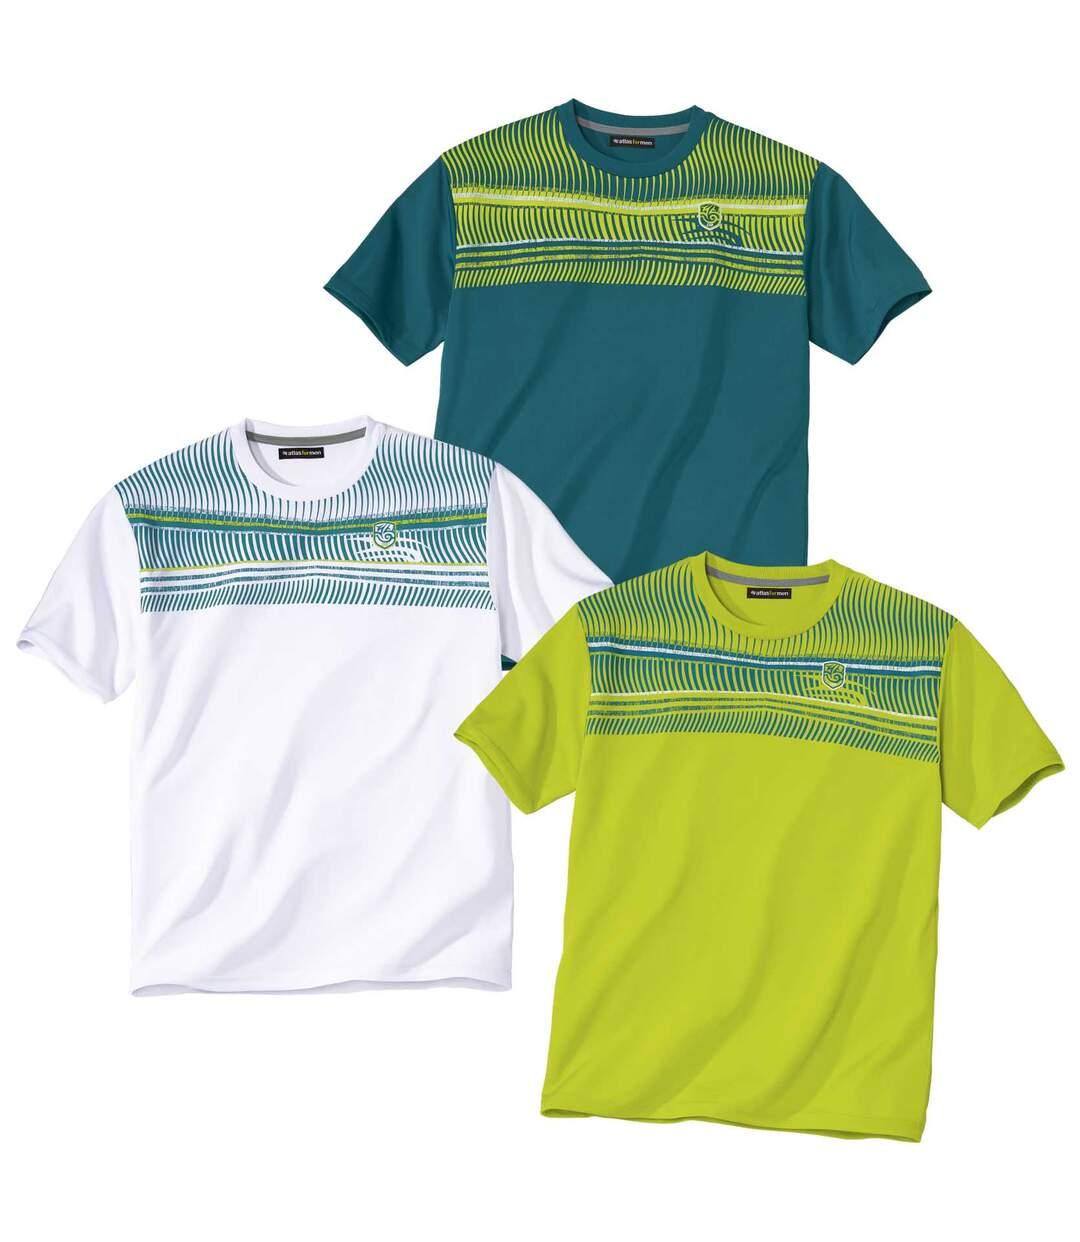 Sada 3 polyesterových triček Summer Sport